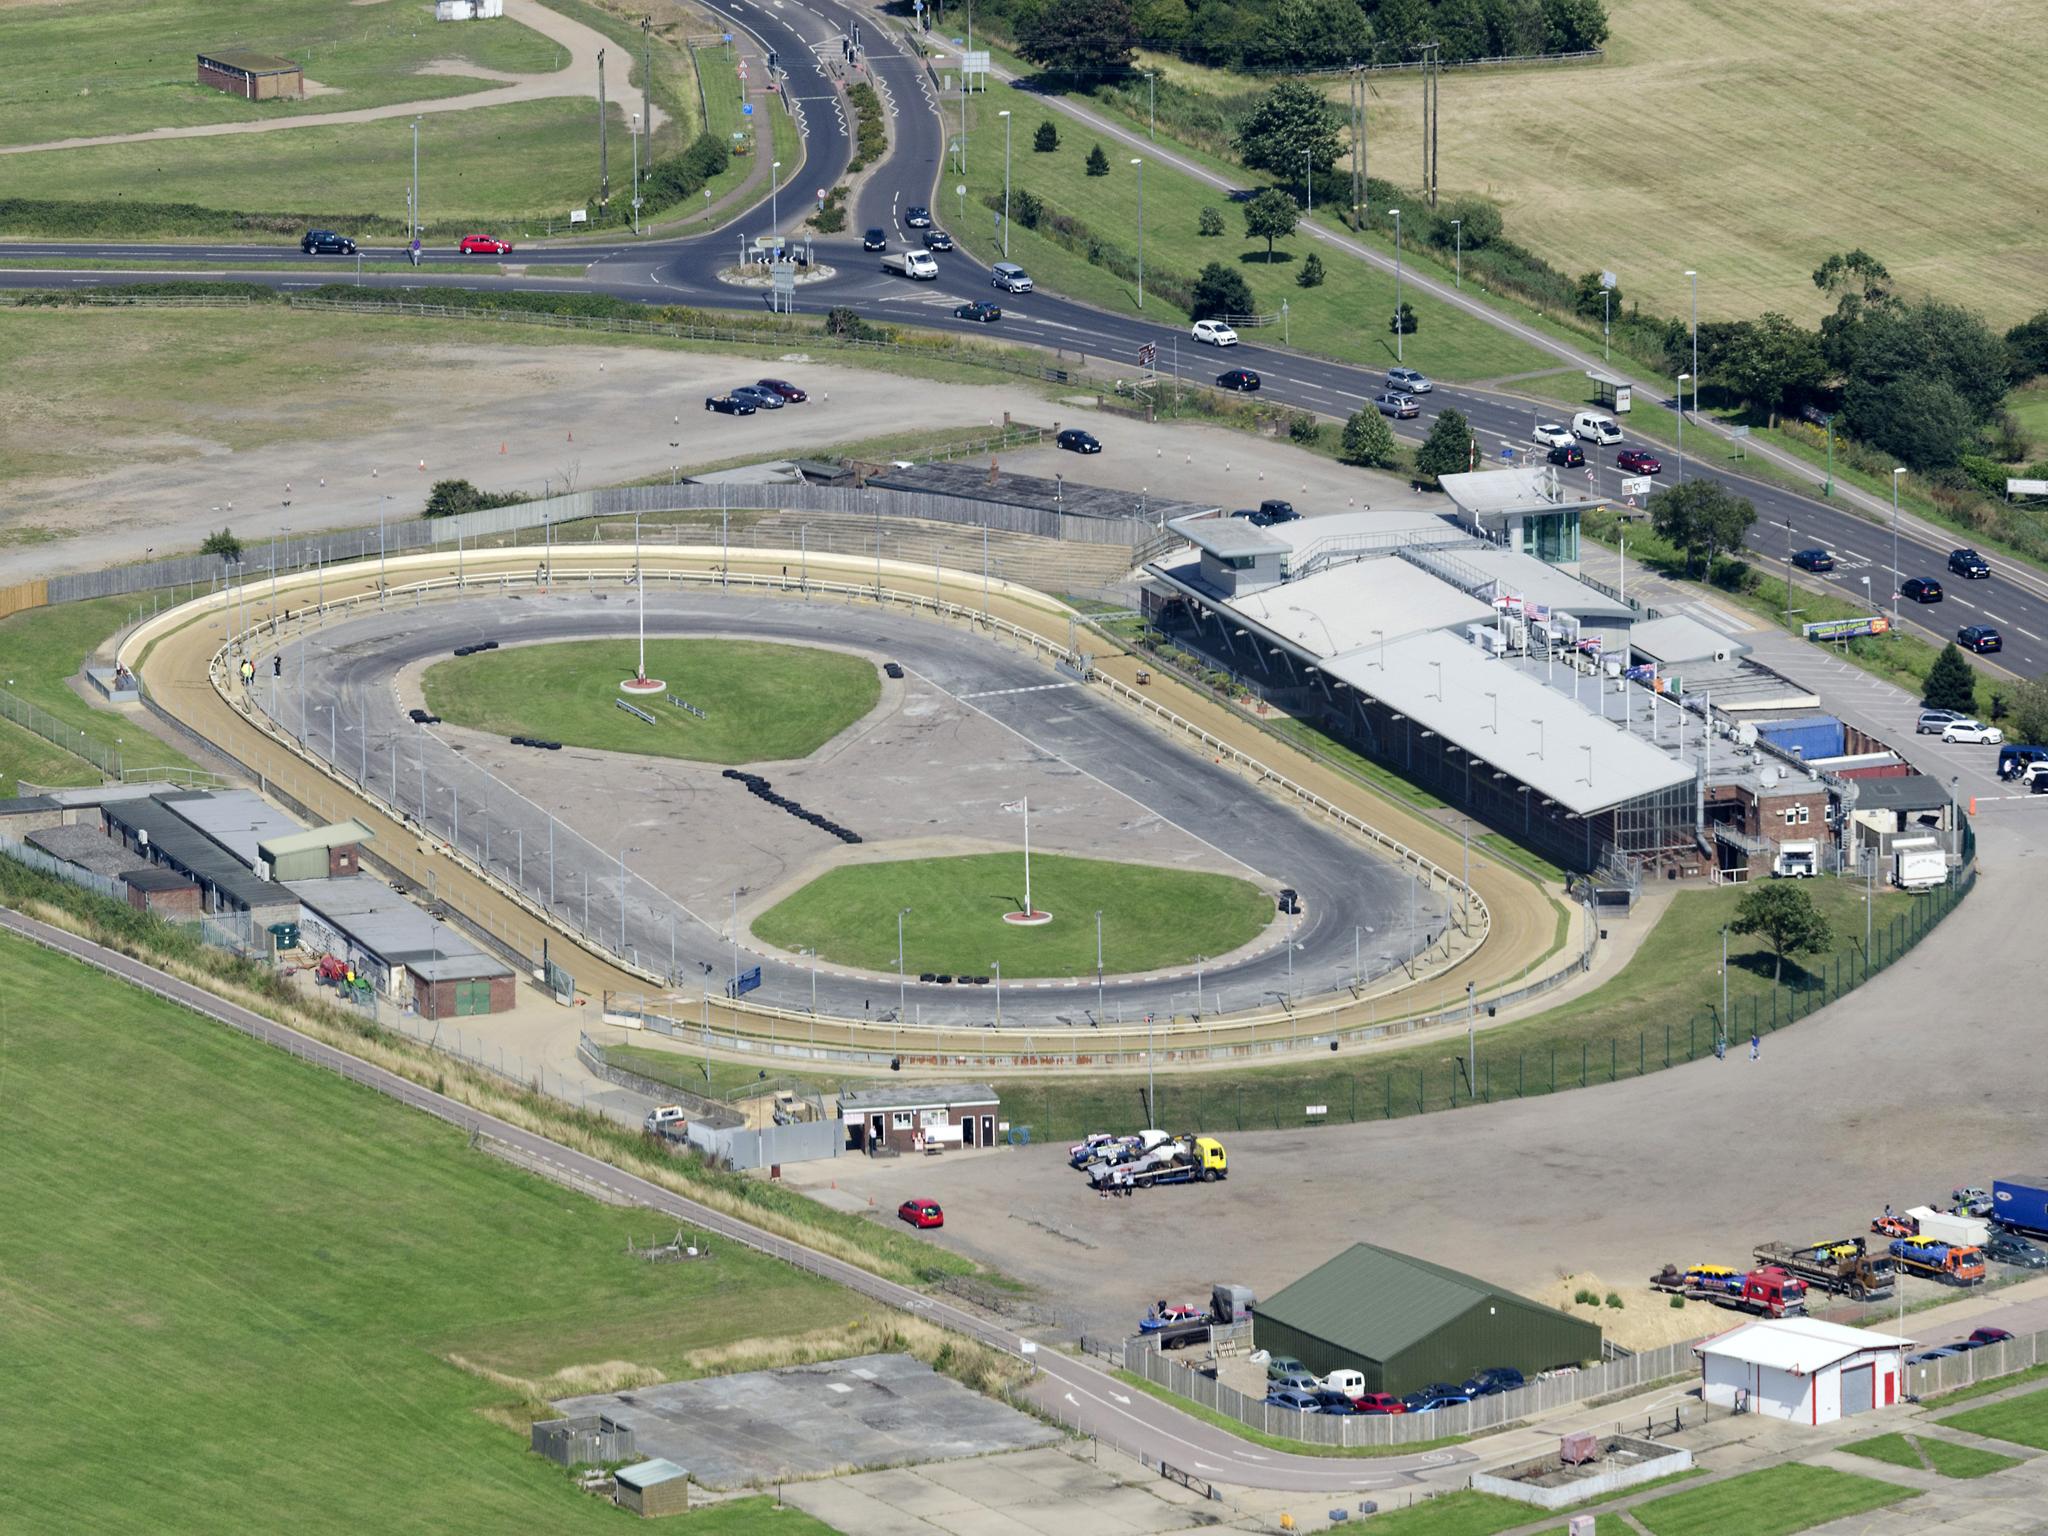 17 reasons to visit Norfolk, Yarmouth stadium